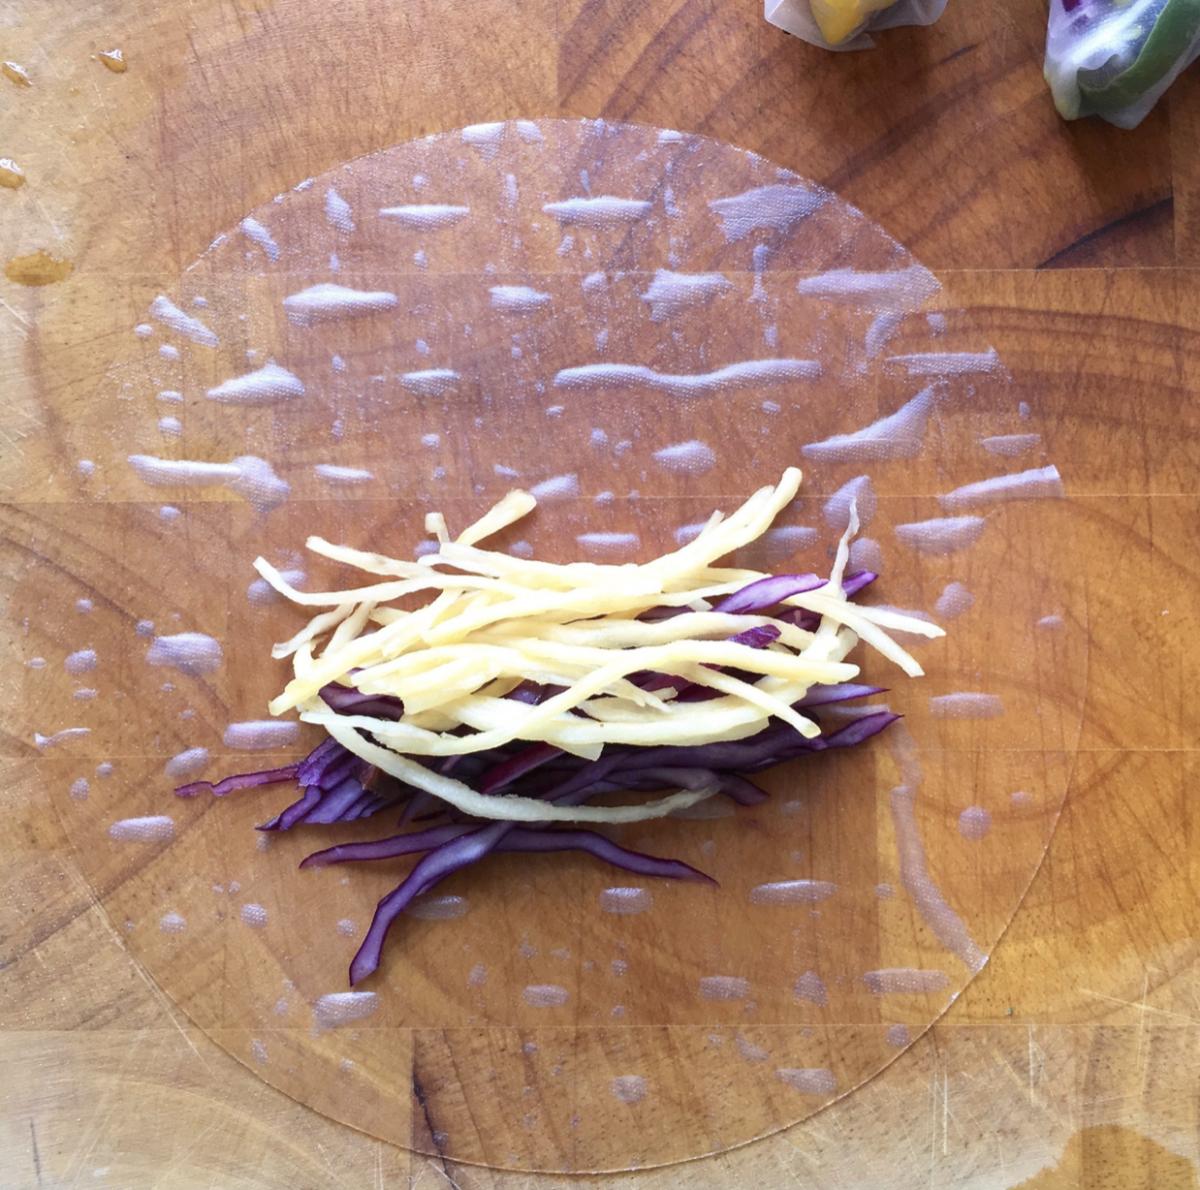 Rauwkostrolletjes met heerlijke tuinkruidendip